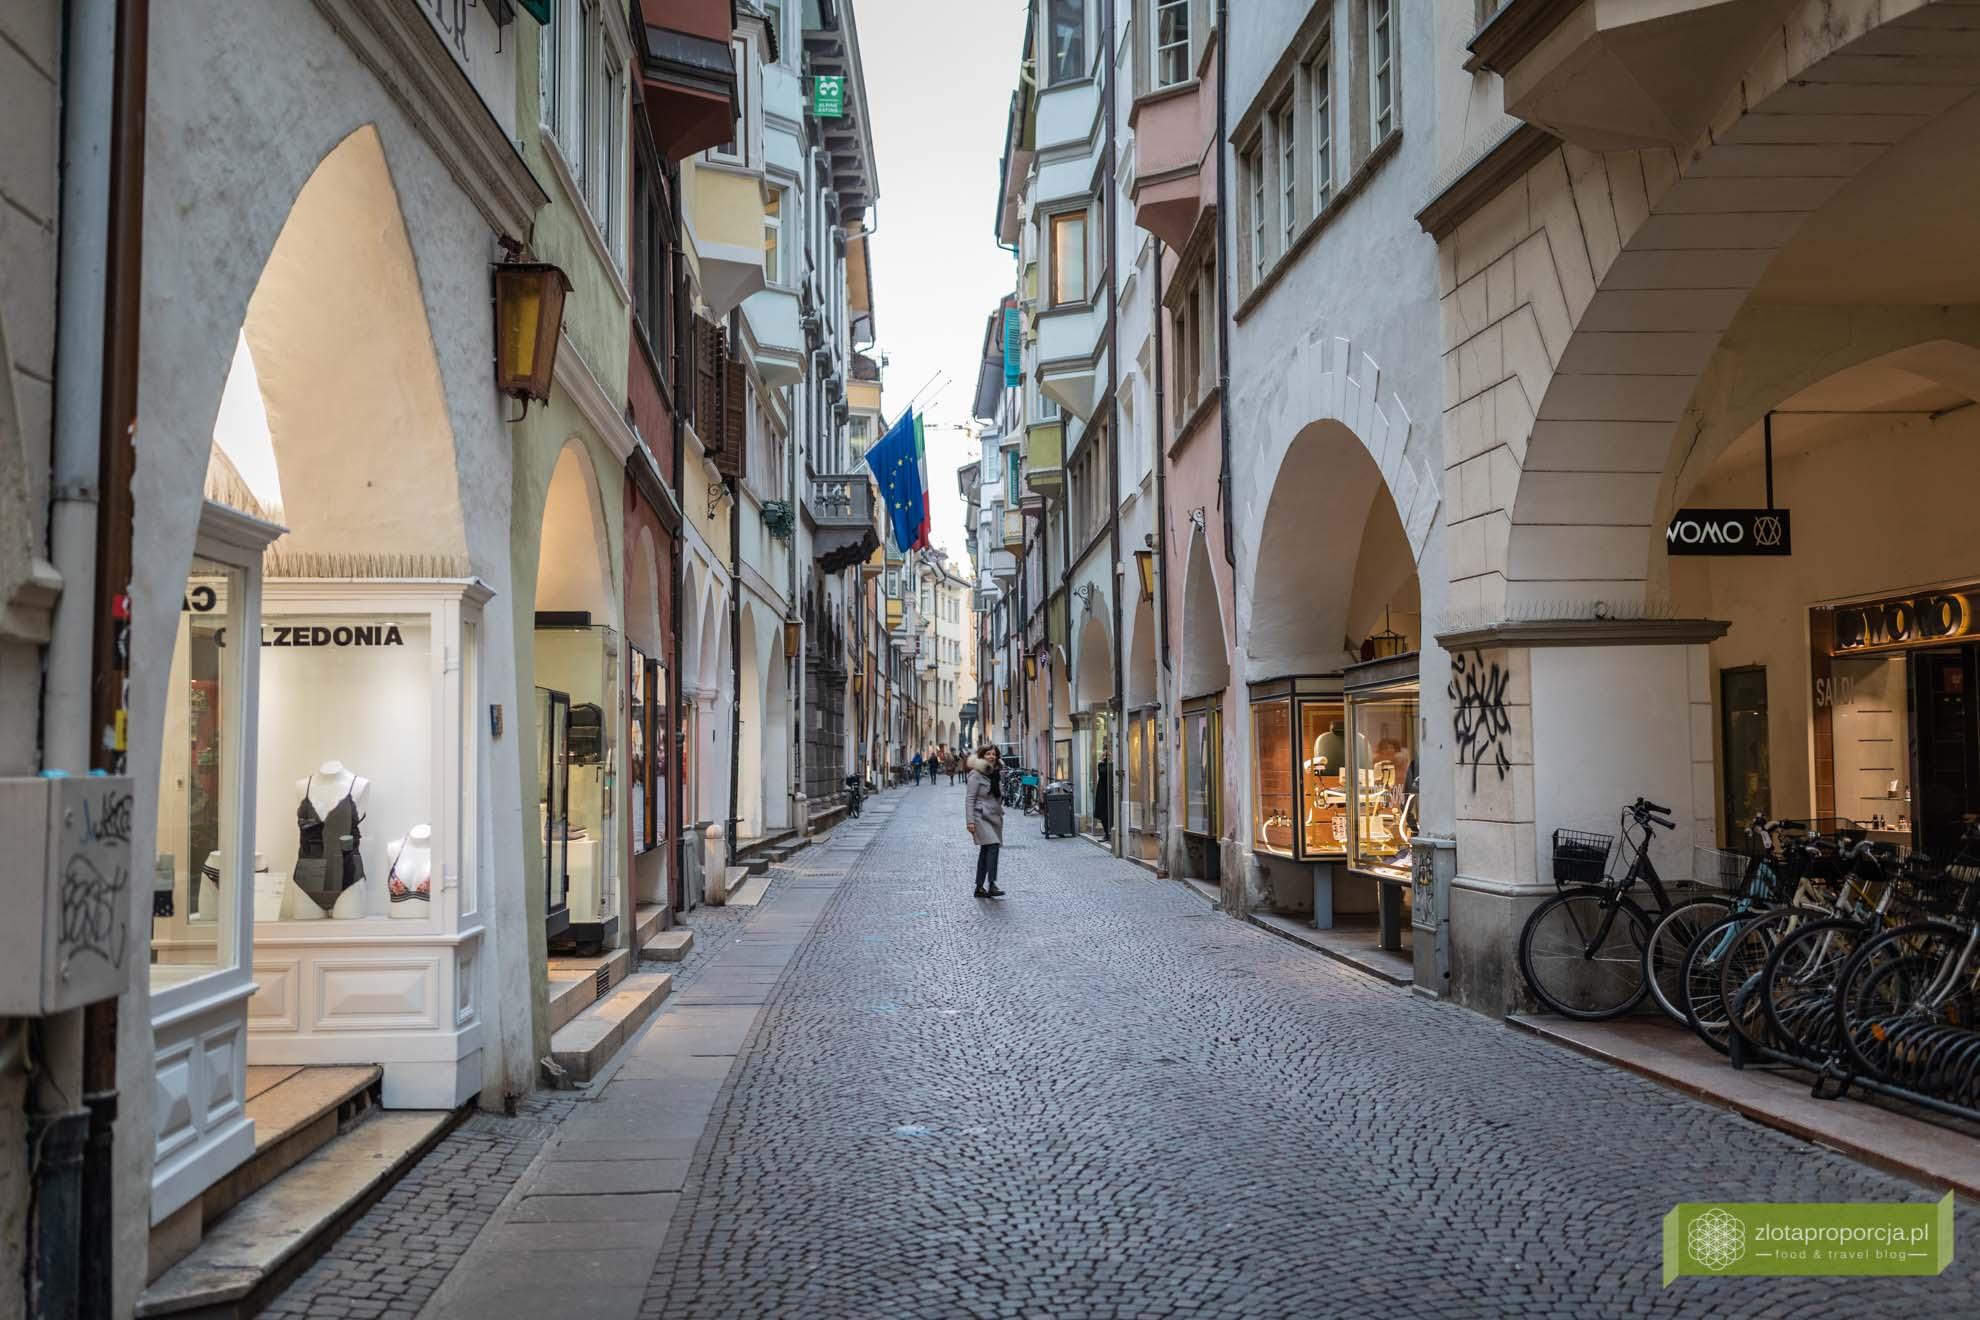 Bolzano; Południowy Tyrol; stolica Południowego Tyrolu; atrakcje Południowego Tyrolu; Bolzano atrakcje; Bolzano Włochy; via dei Portici